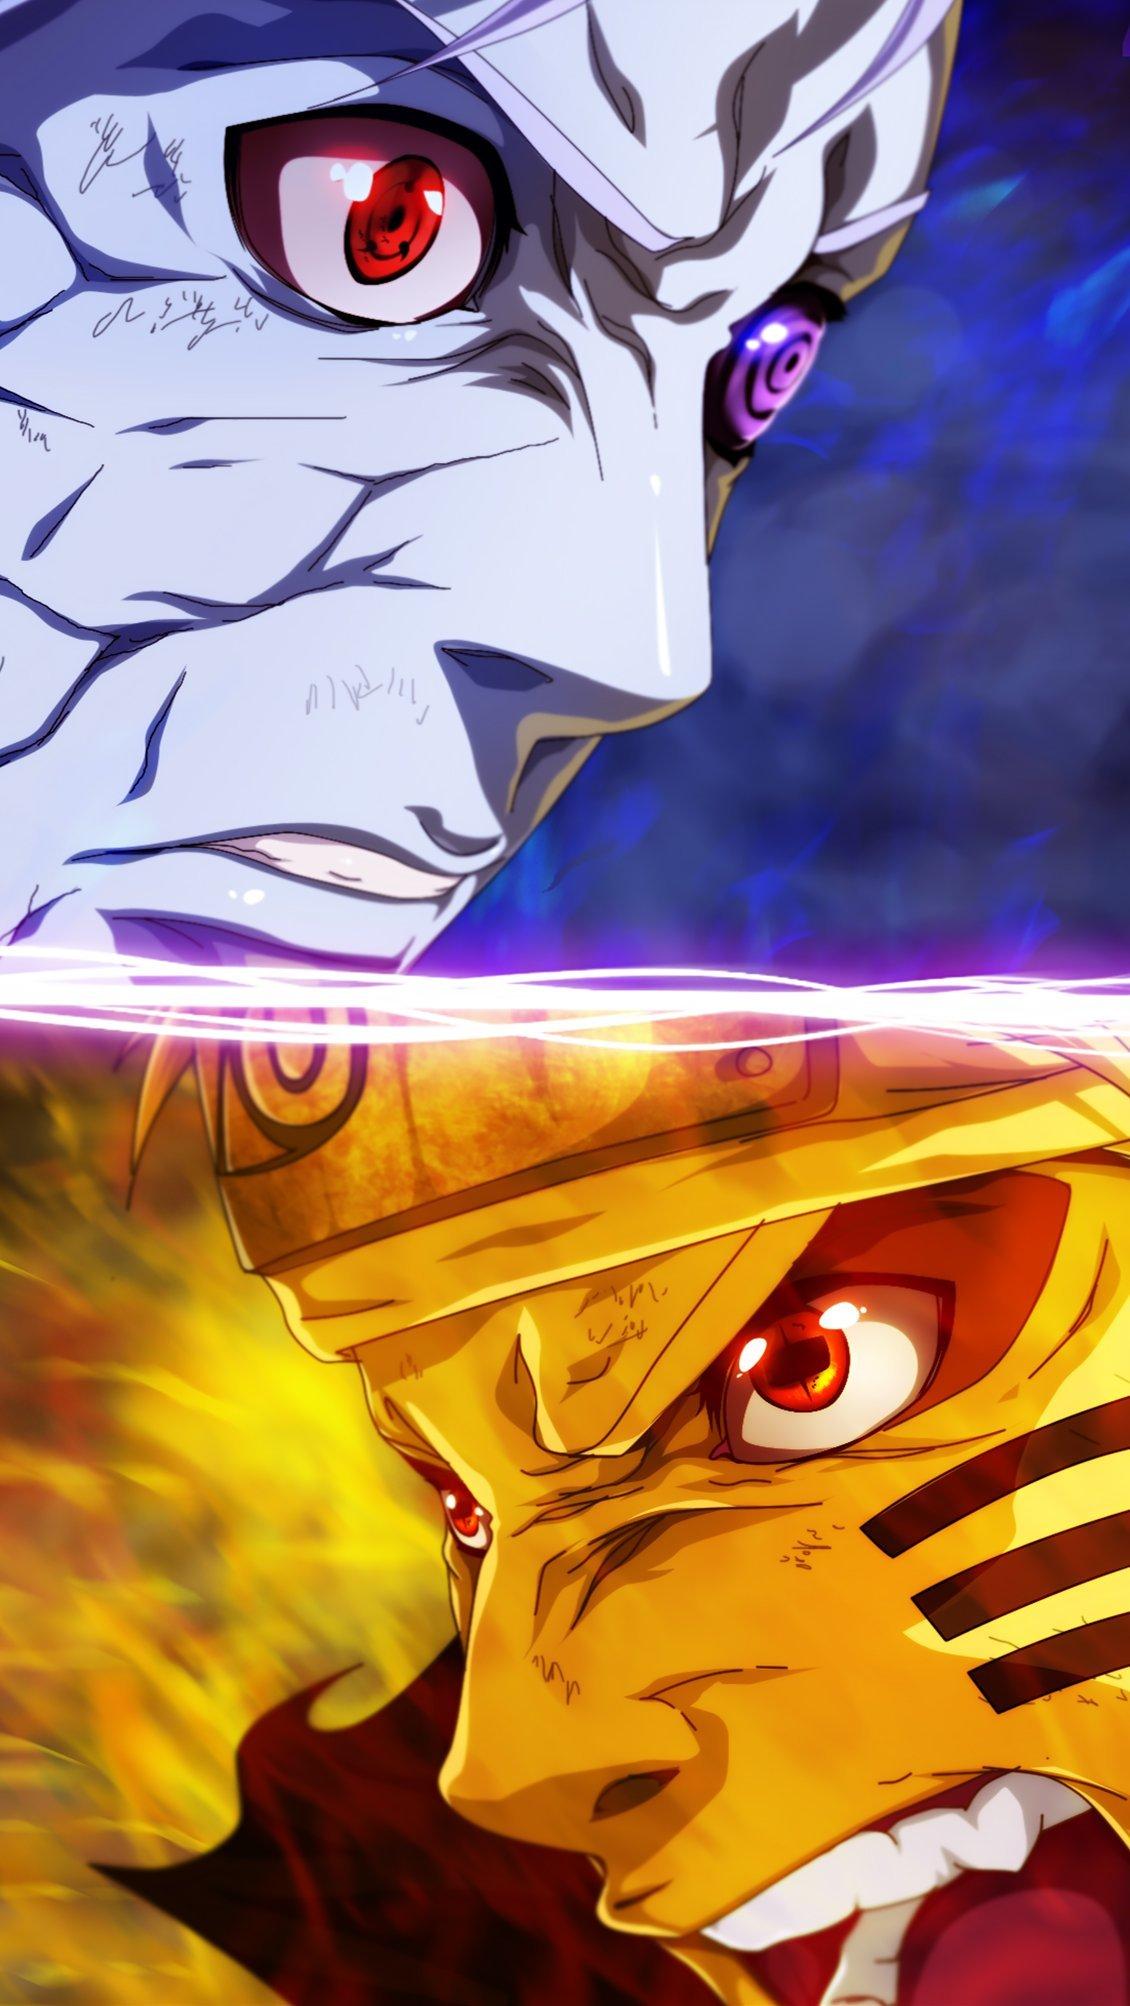 Fondos de pantalla Anime Obito Uchiha contra Naruto Uzumaki Vertical